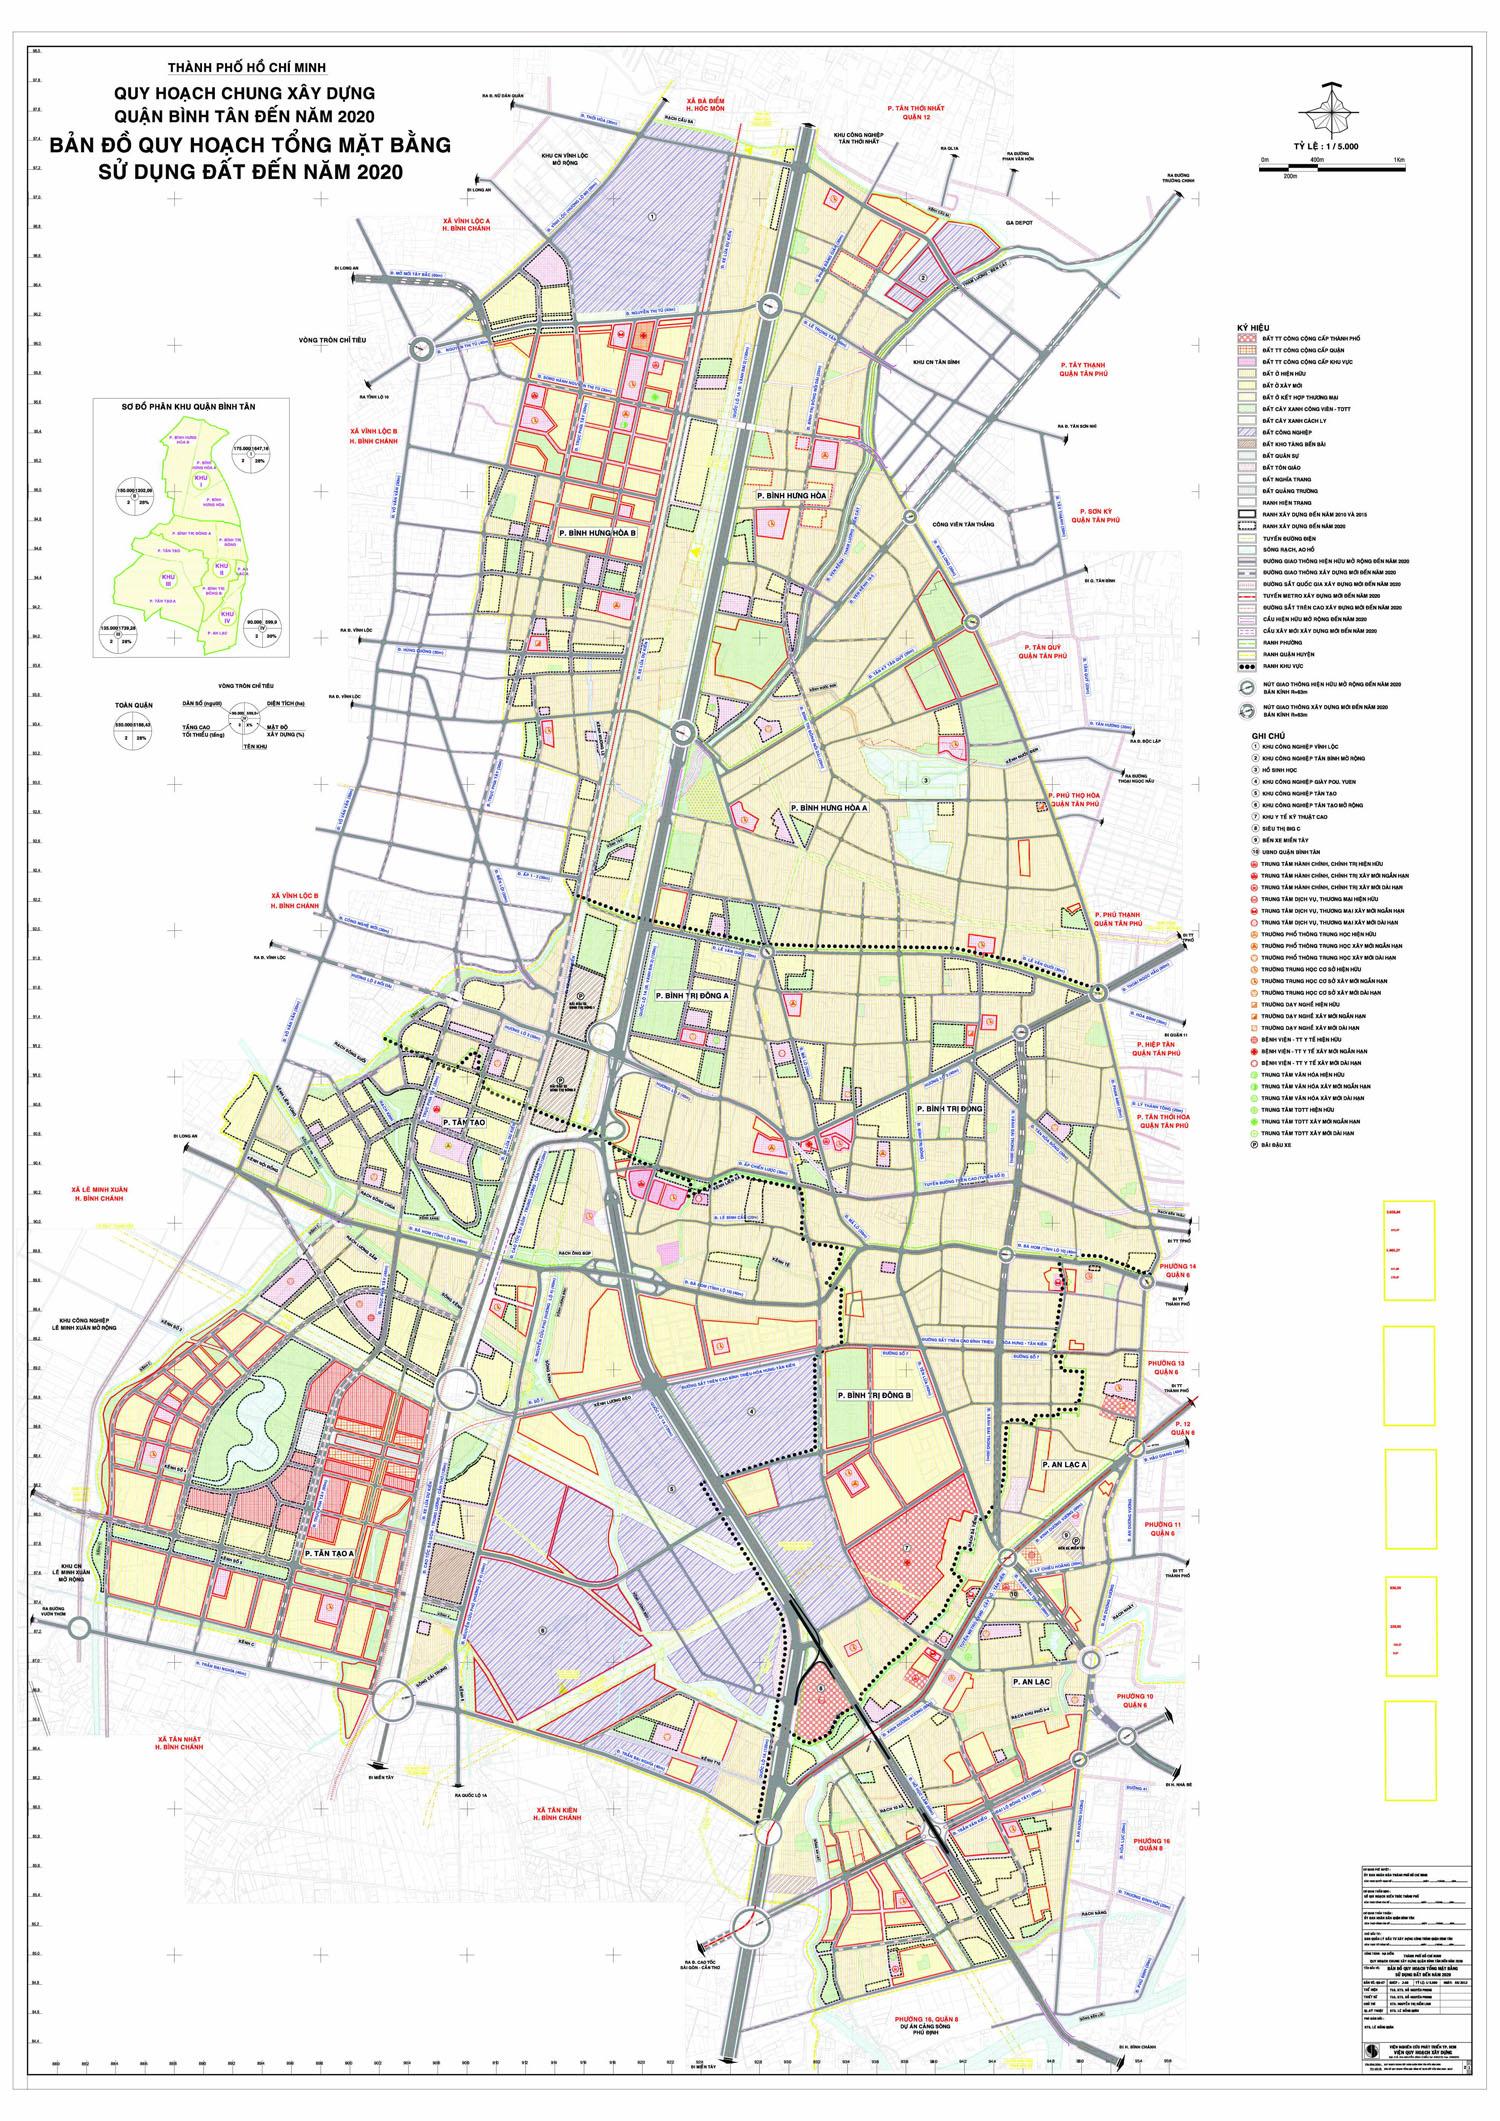 Bản đồ quy hoạch, các phường và dự án tại quận Bình Tân